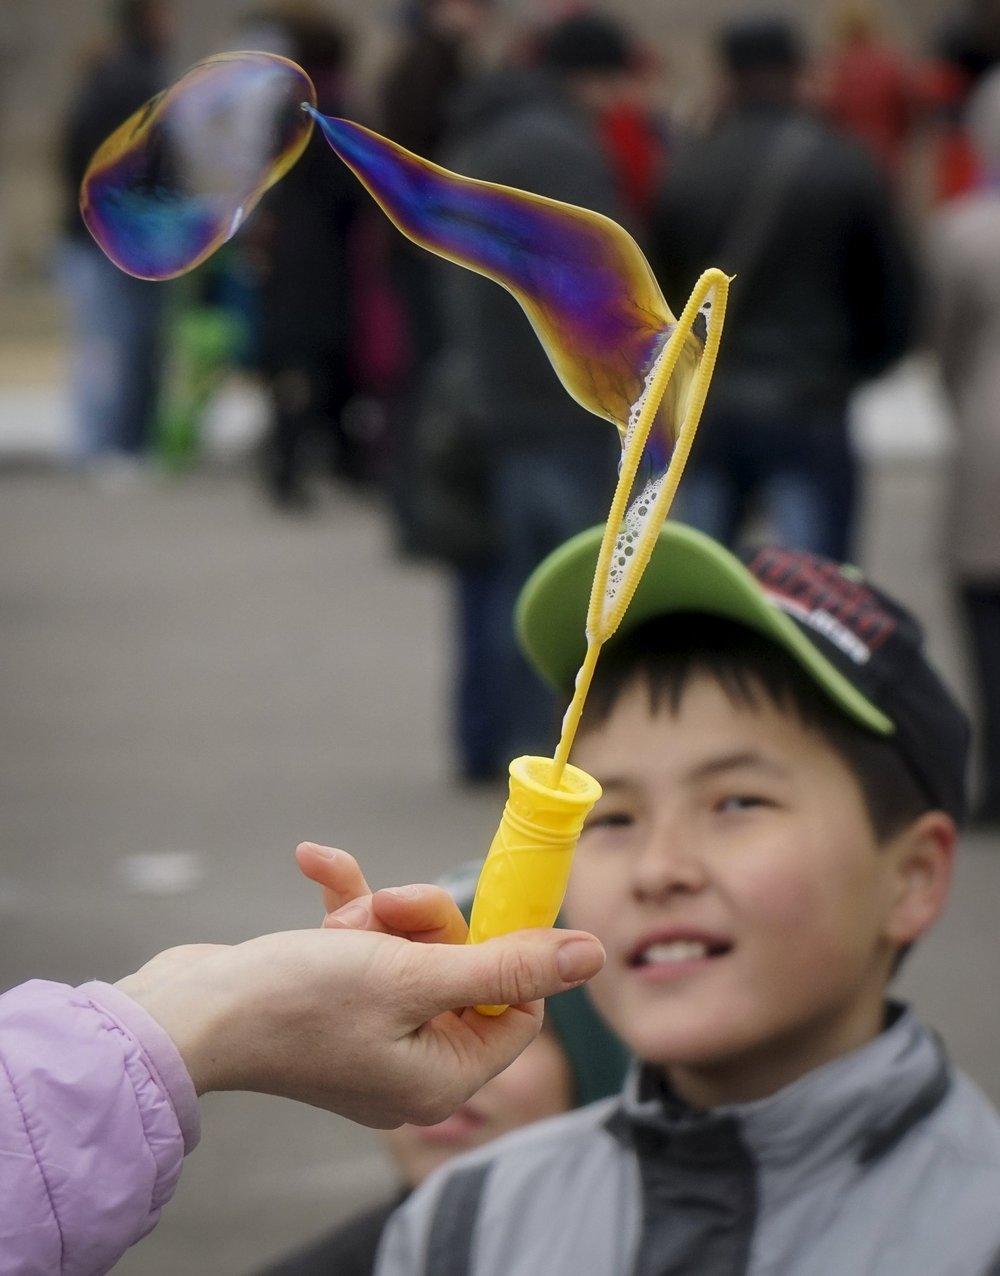 A boy looks on as a woman makes soap bubbles during a celebration to mark Maslenitsa, or Pancake Week, in Baikonur, Kazakhstan